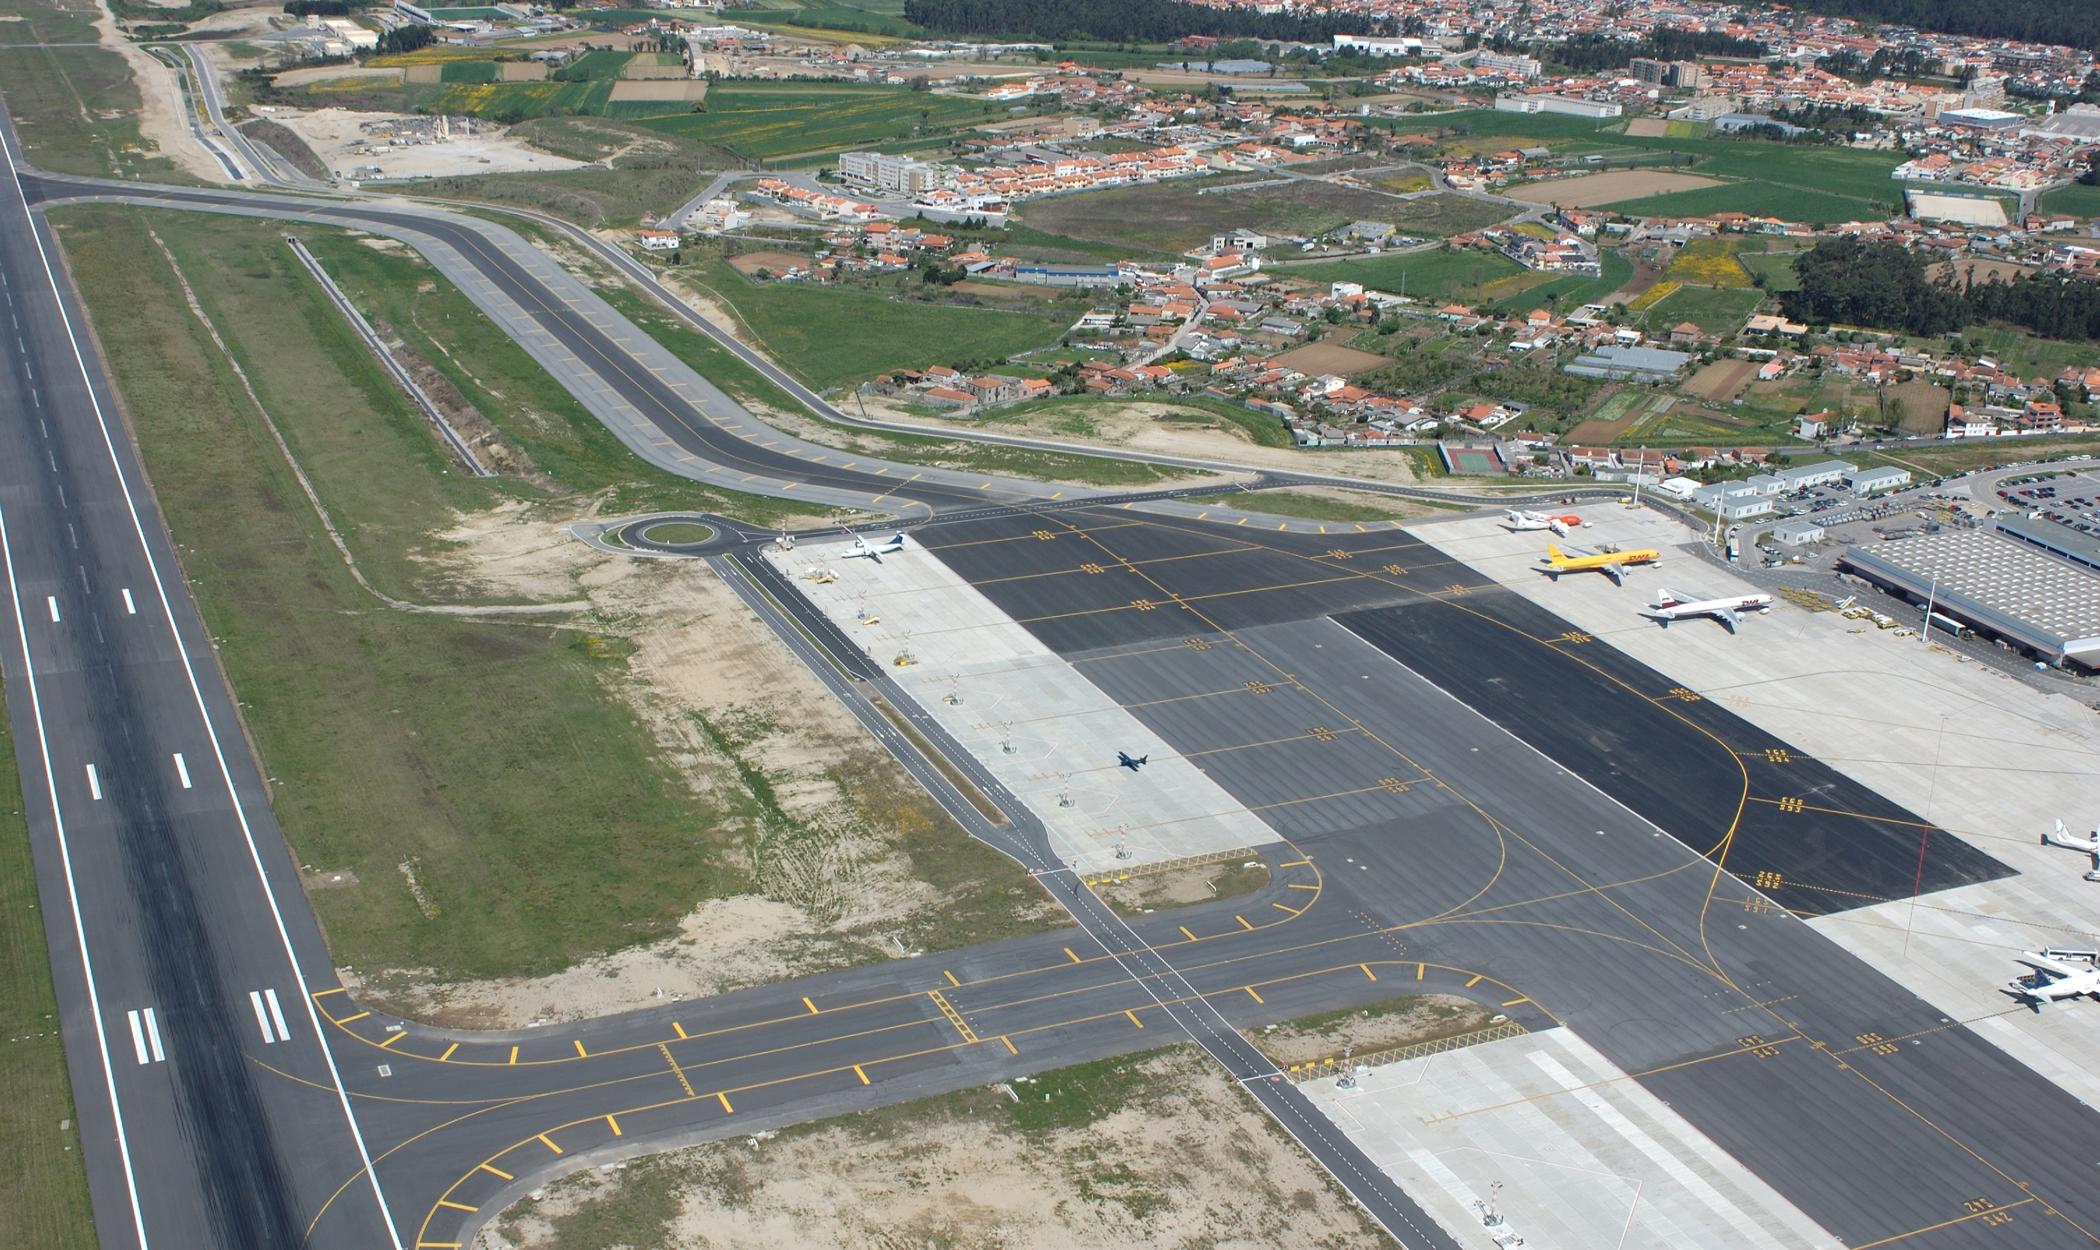 Plataformas e Caminhos de circulação do Aeroporto Sá Carneiro